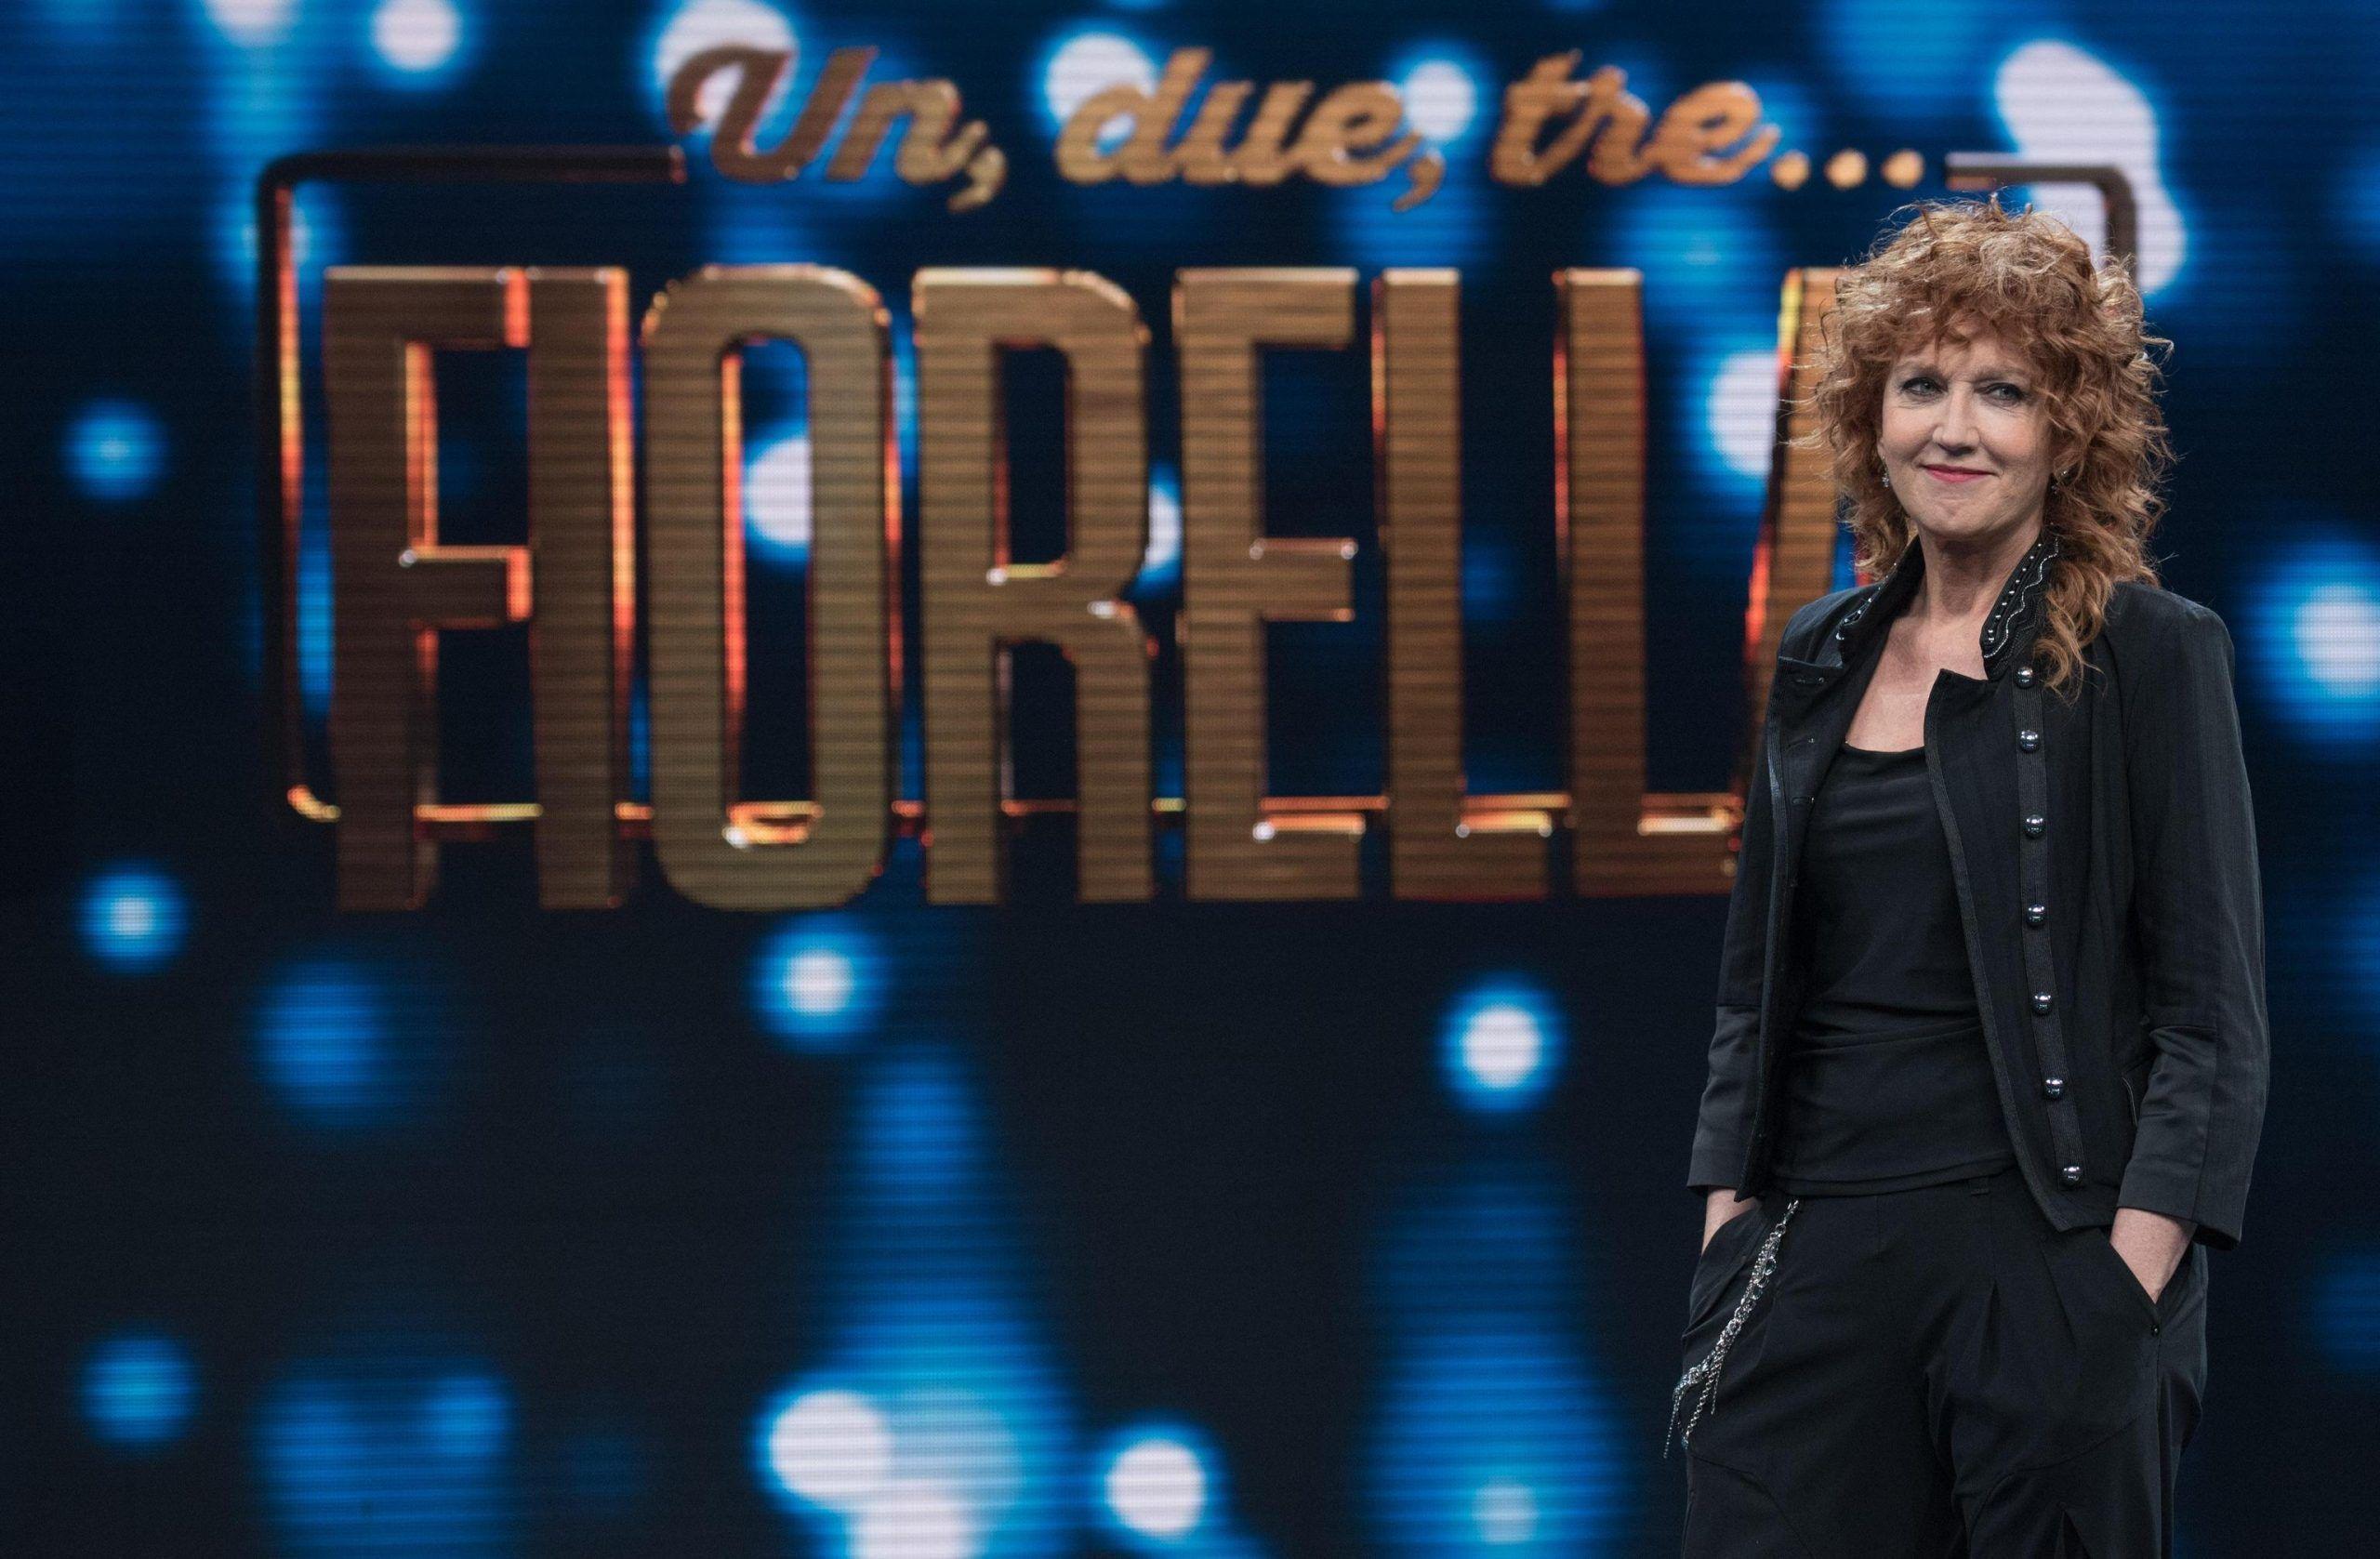 Tv: Rai1; ''Un, due, tre... Fiorella''